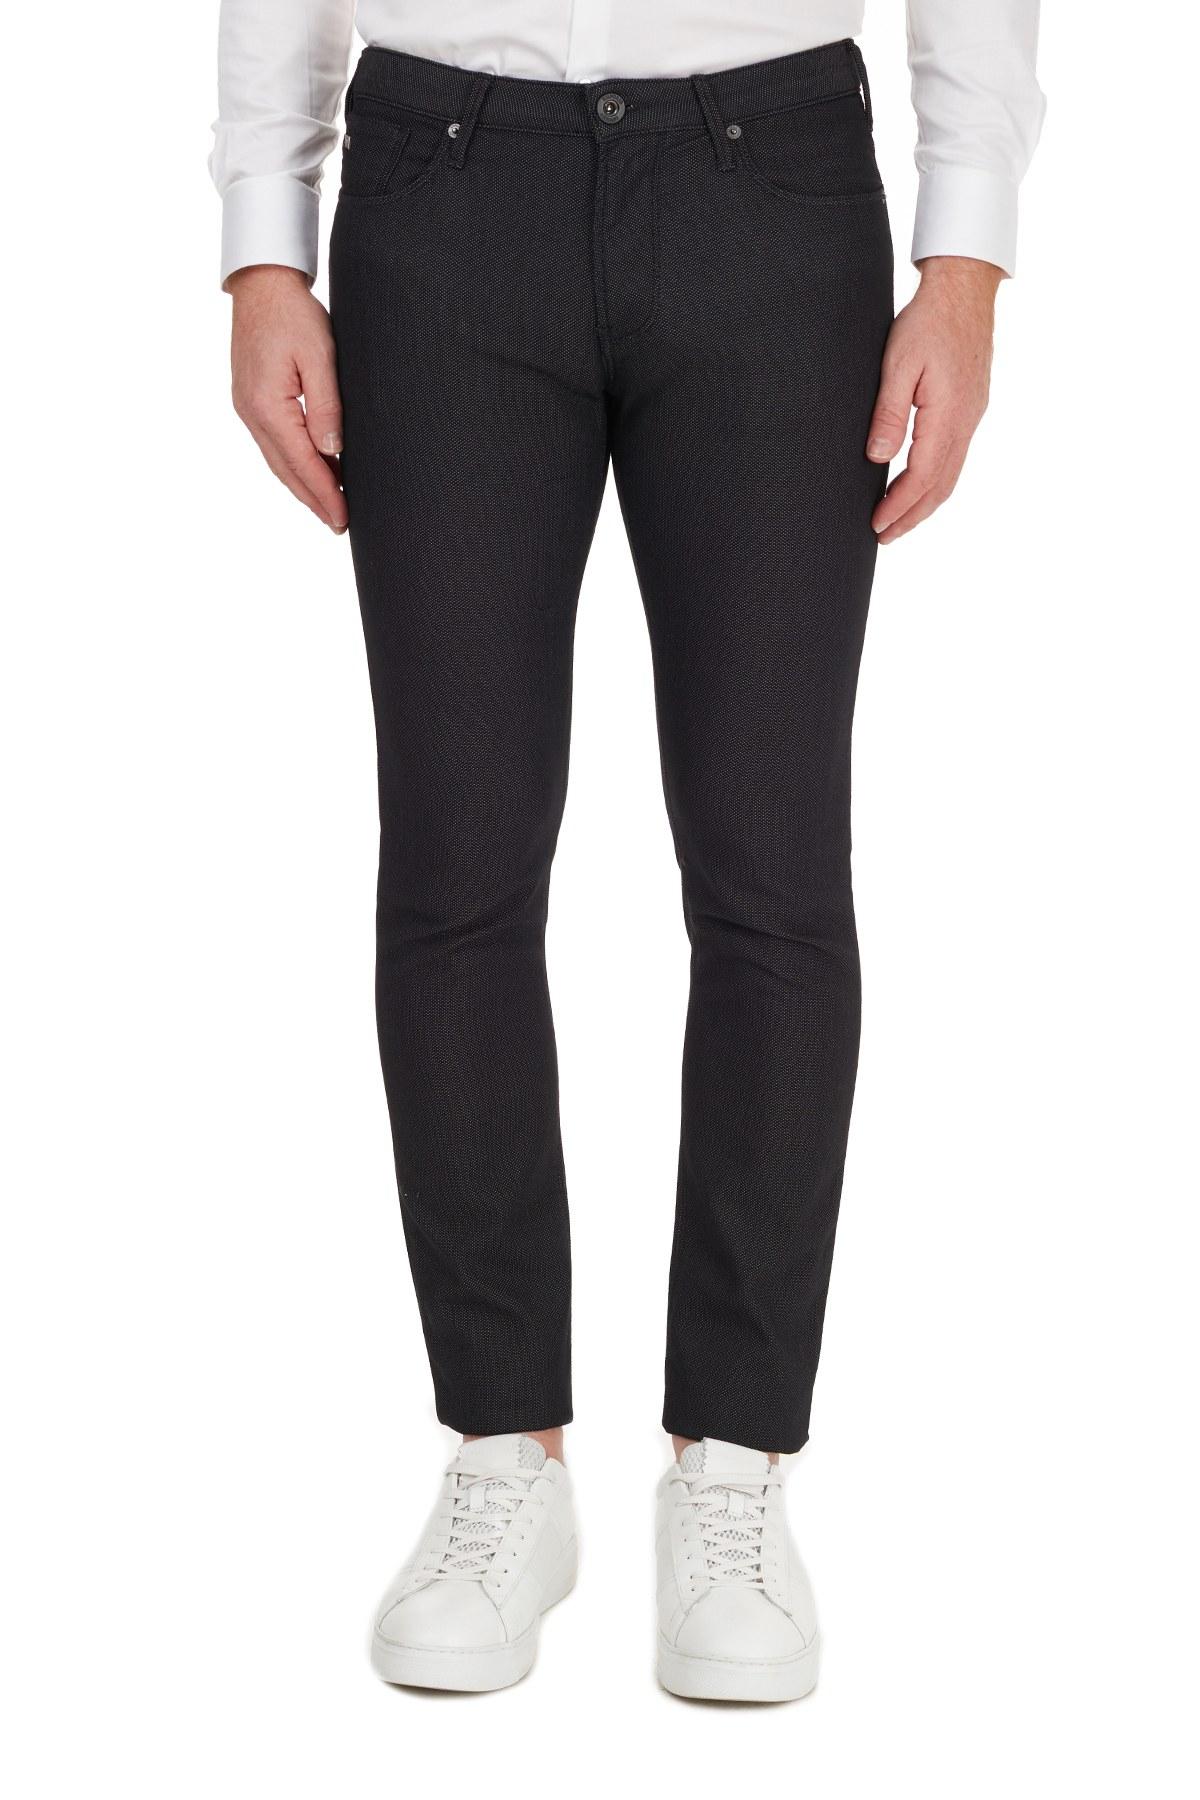 Emporio Armani Pamuklu Slim Fit J06 Jeans Erkek Kot Pantolon 6H1J06 1N2NZ 0999 SİYAH